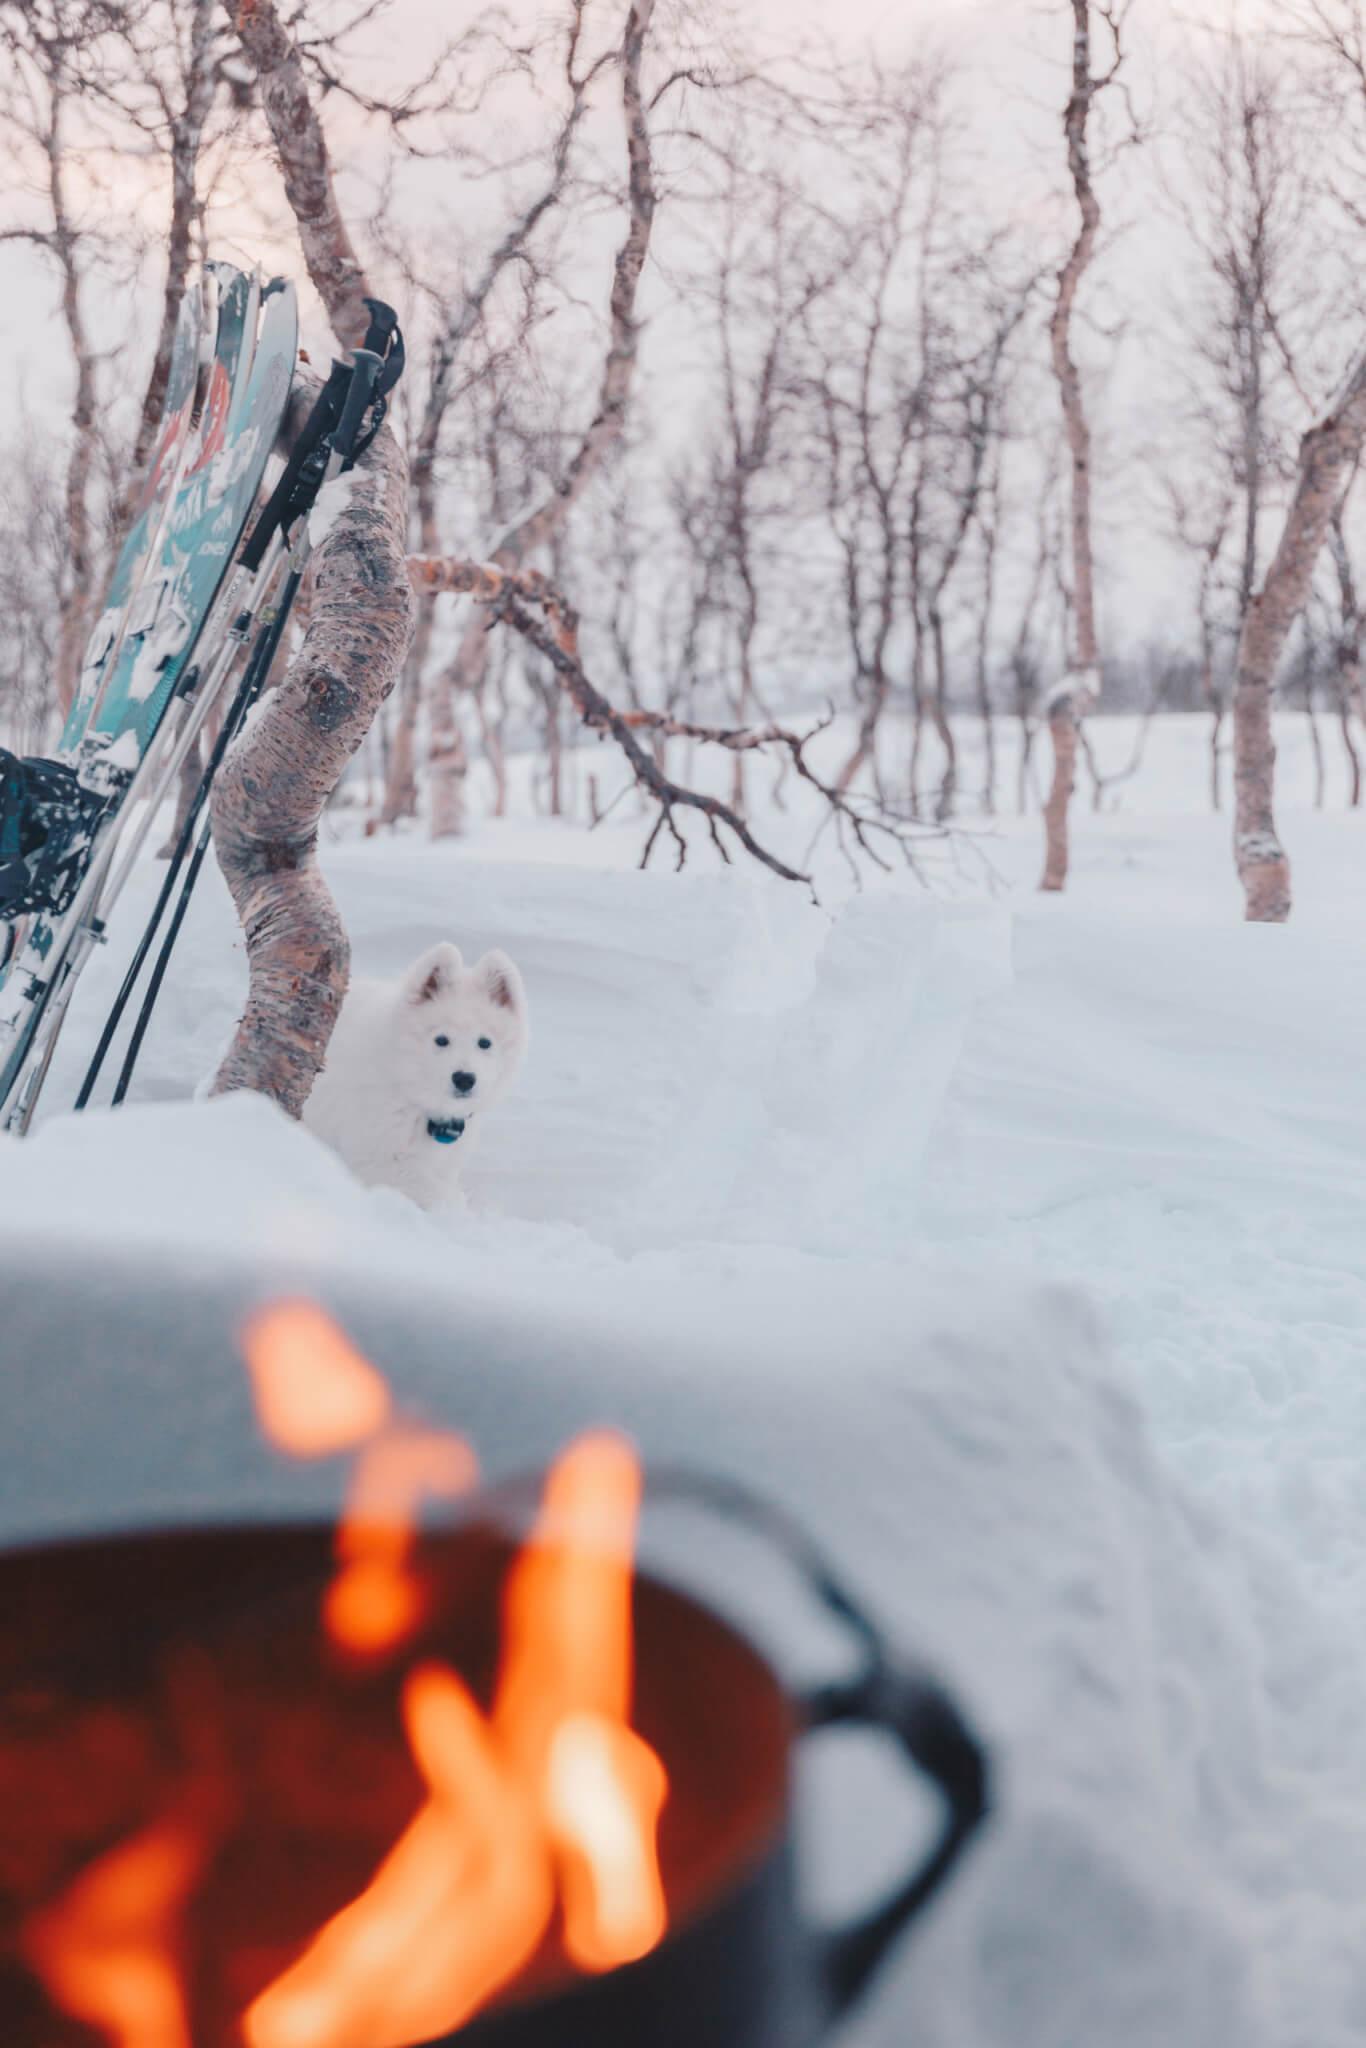 Vit hundvalp i snö tittar på eld.